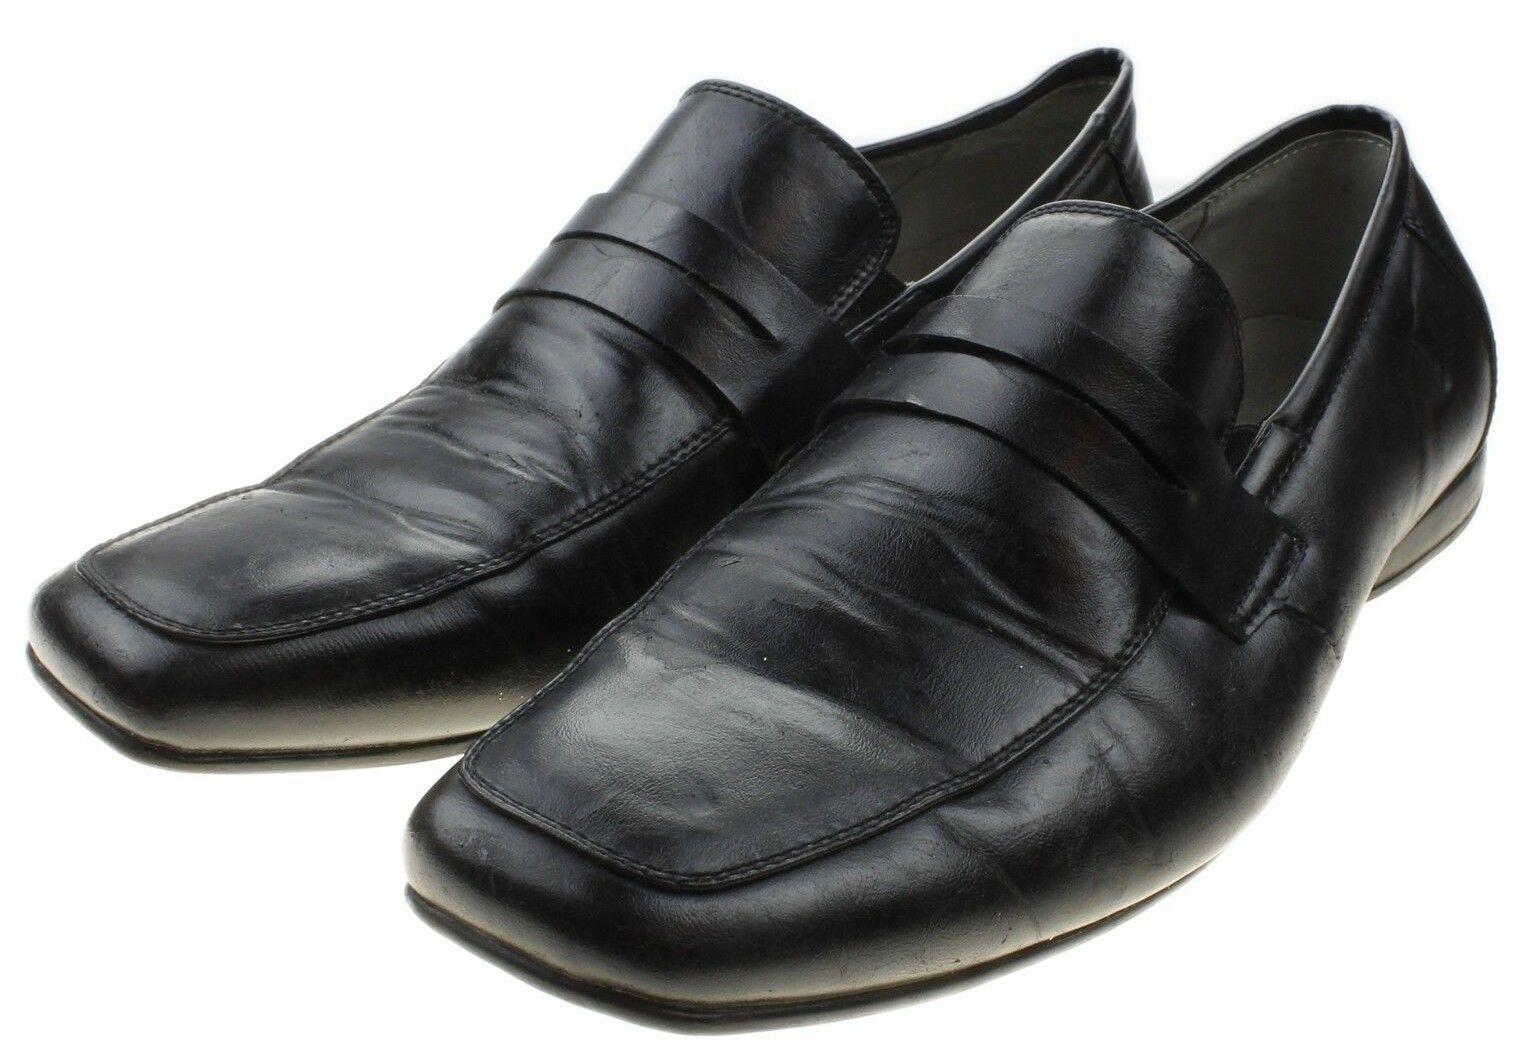 f2078218763 Steve Madden Shoe: 60 listings